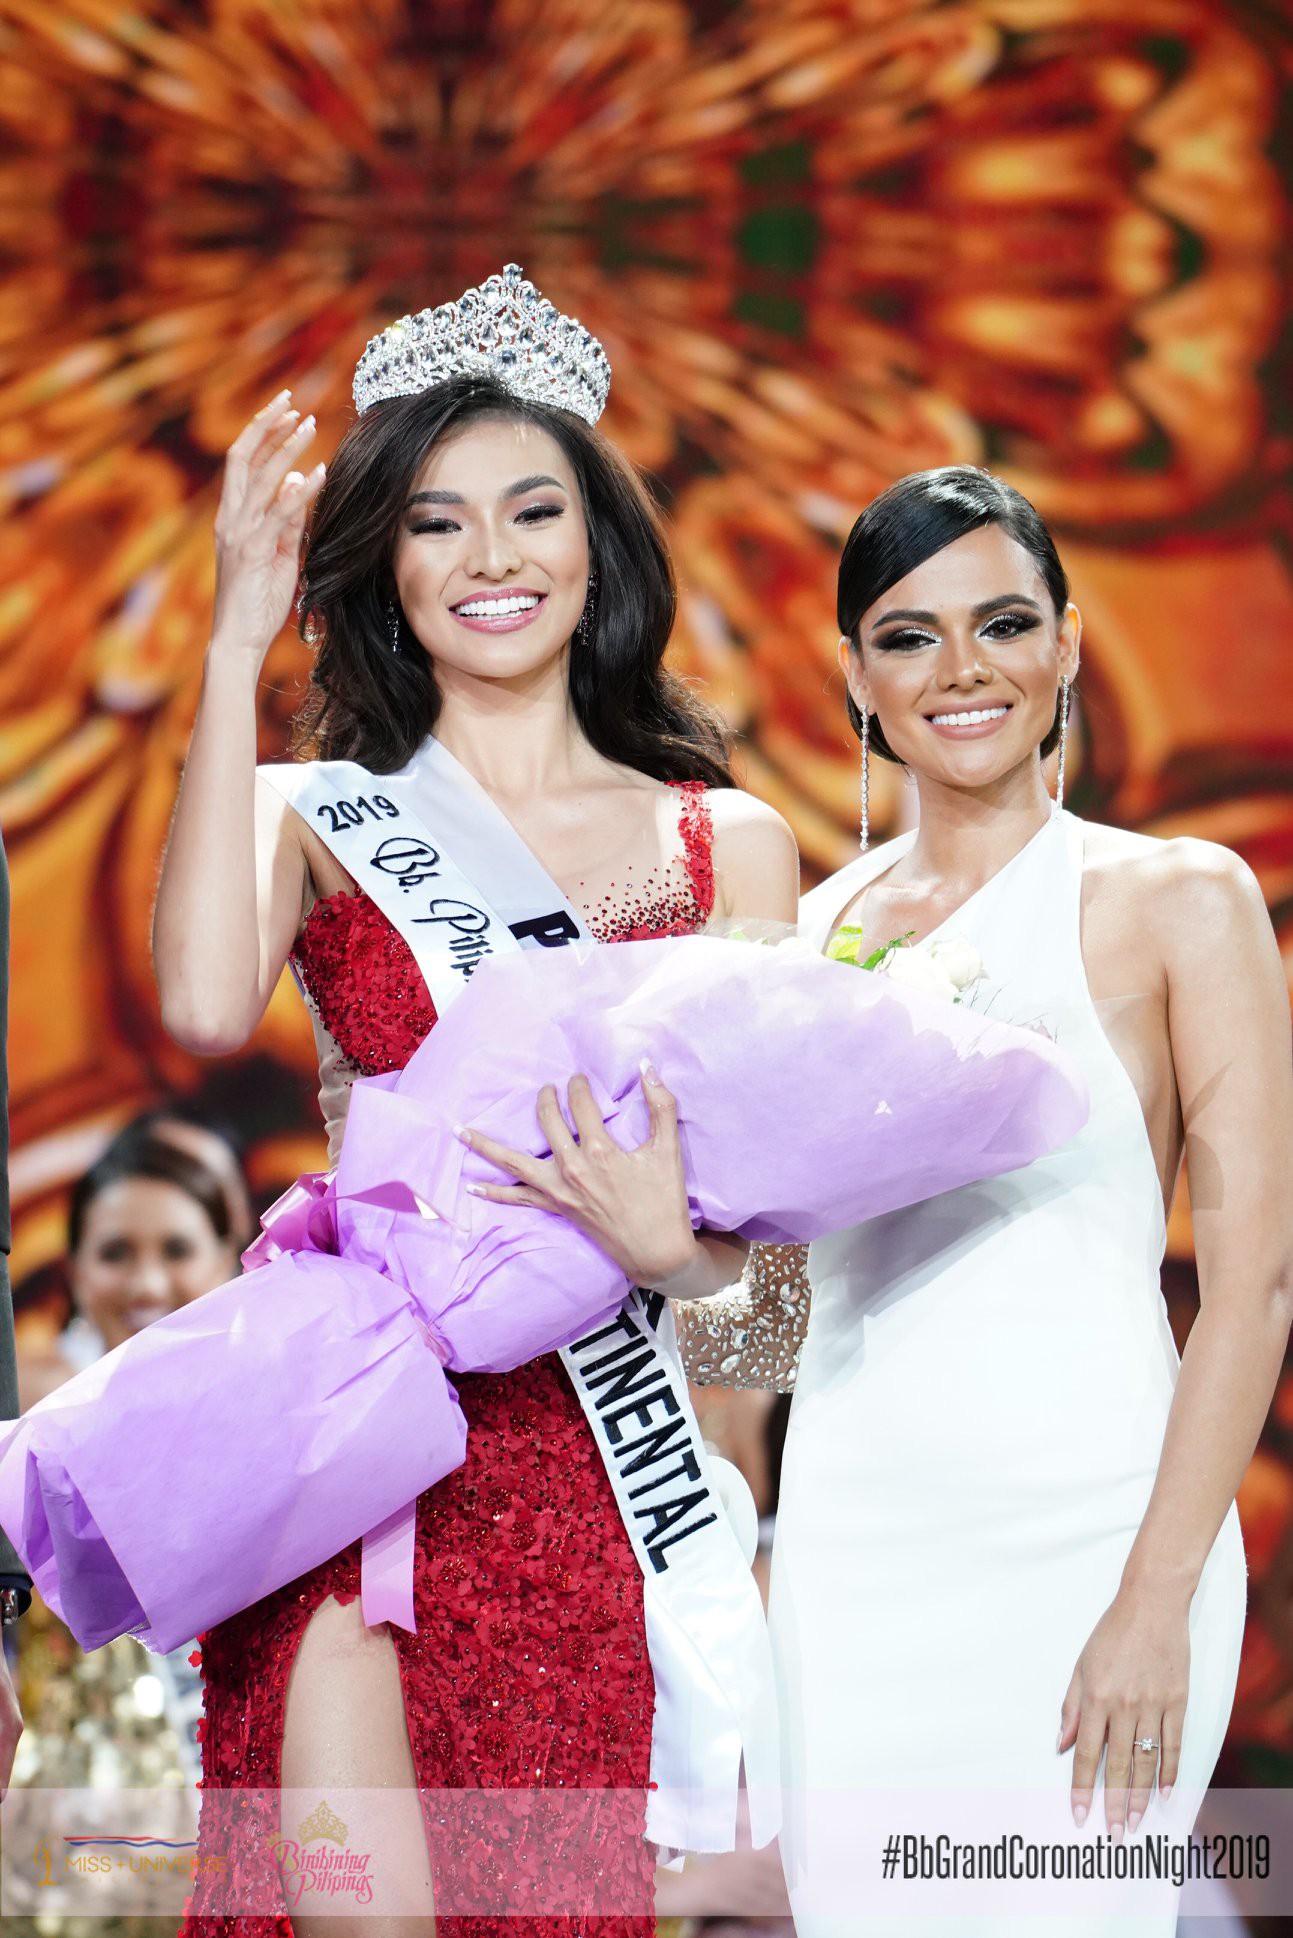 Hoa hậu Hoàn vũ Philippines 2019 lộ diện, được dự đoán tiếp tục gây sốt tại Miss Universe  - Ảnh 6.